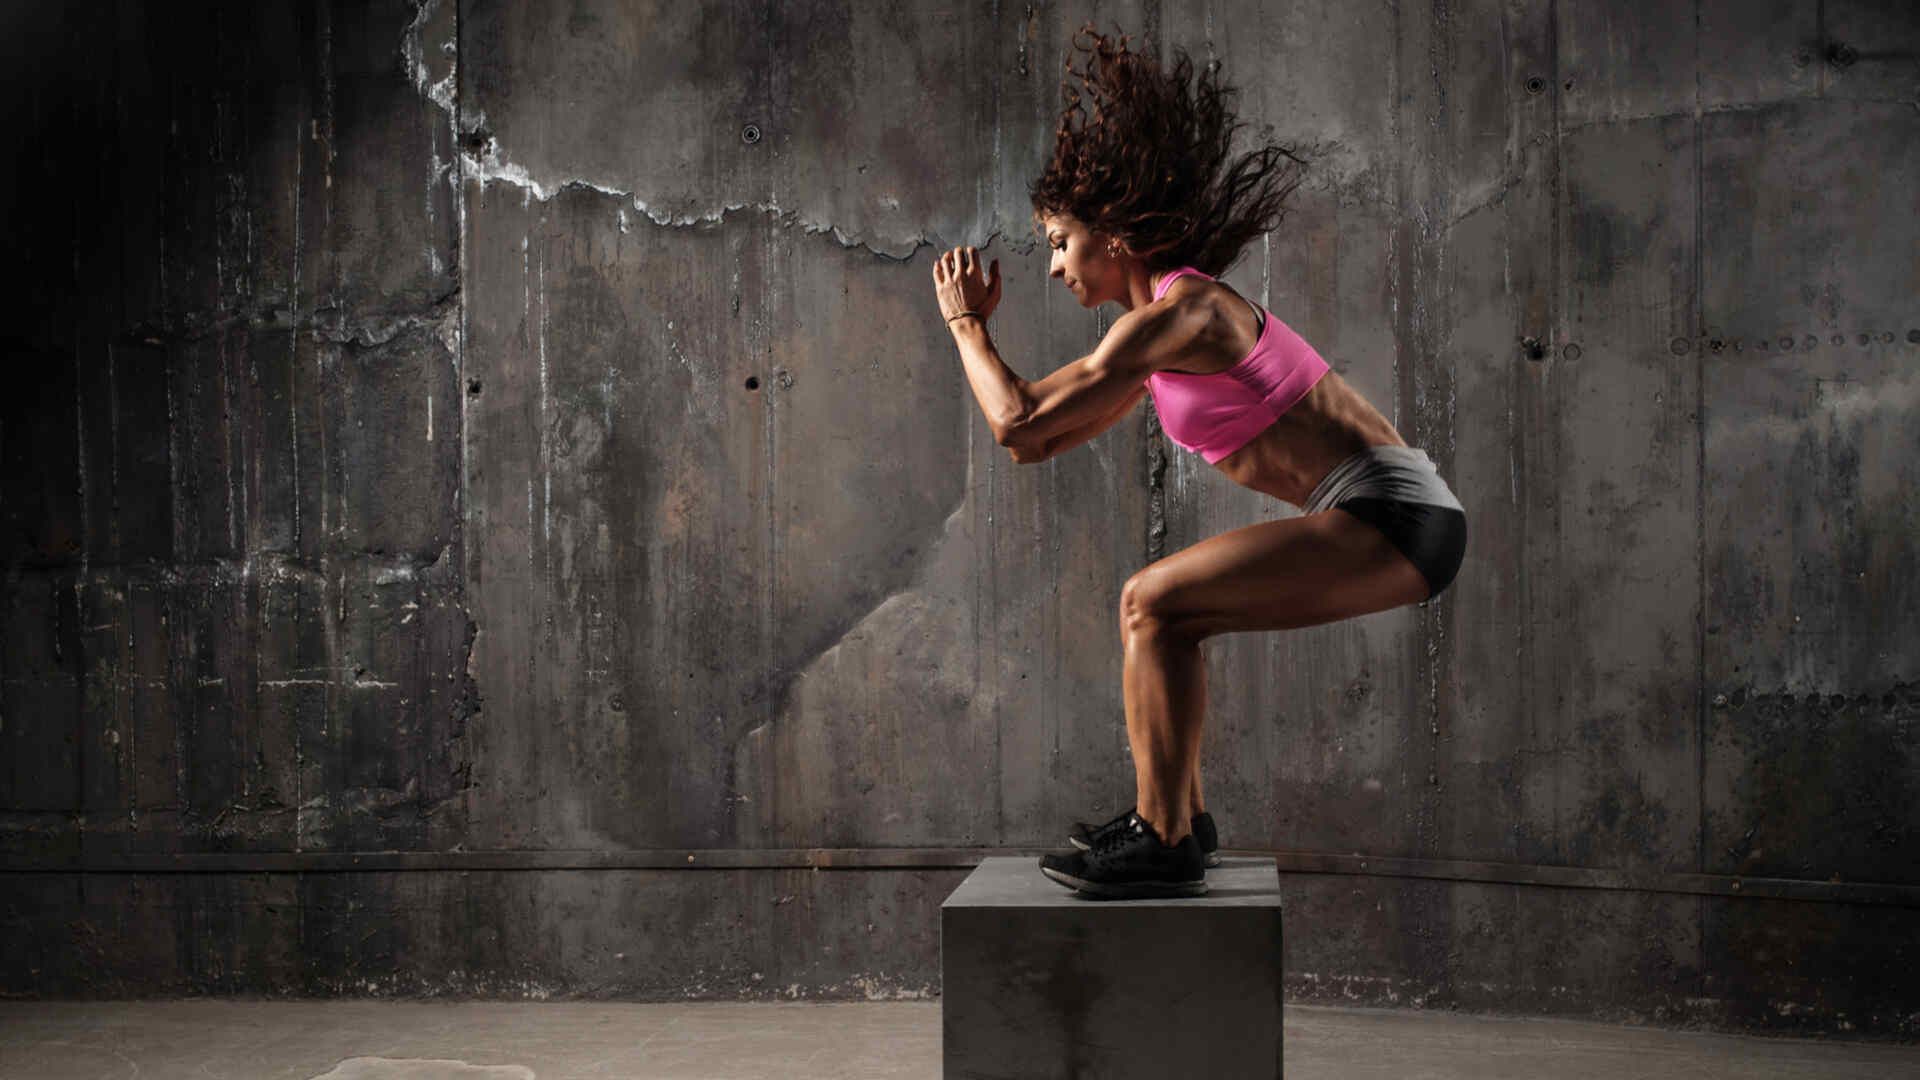 Mulher negra pulando em caixote na frente de fundo cinza